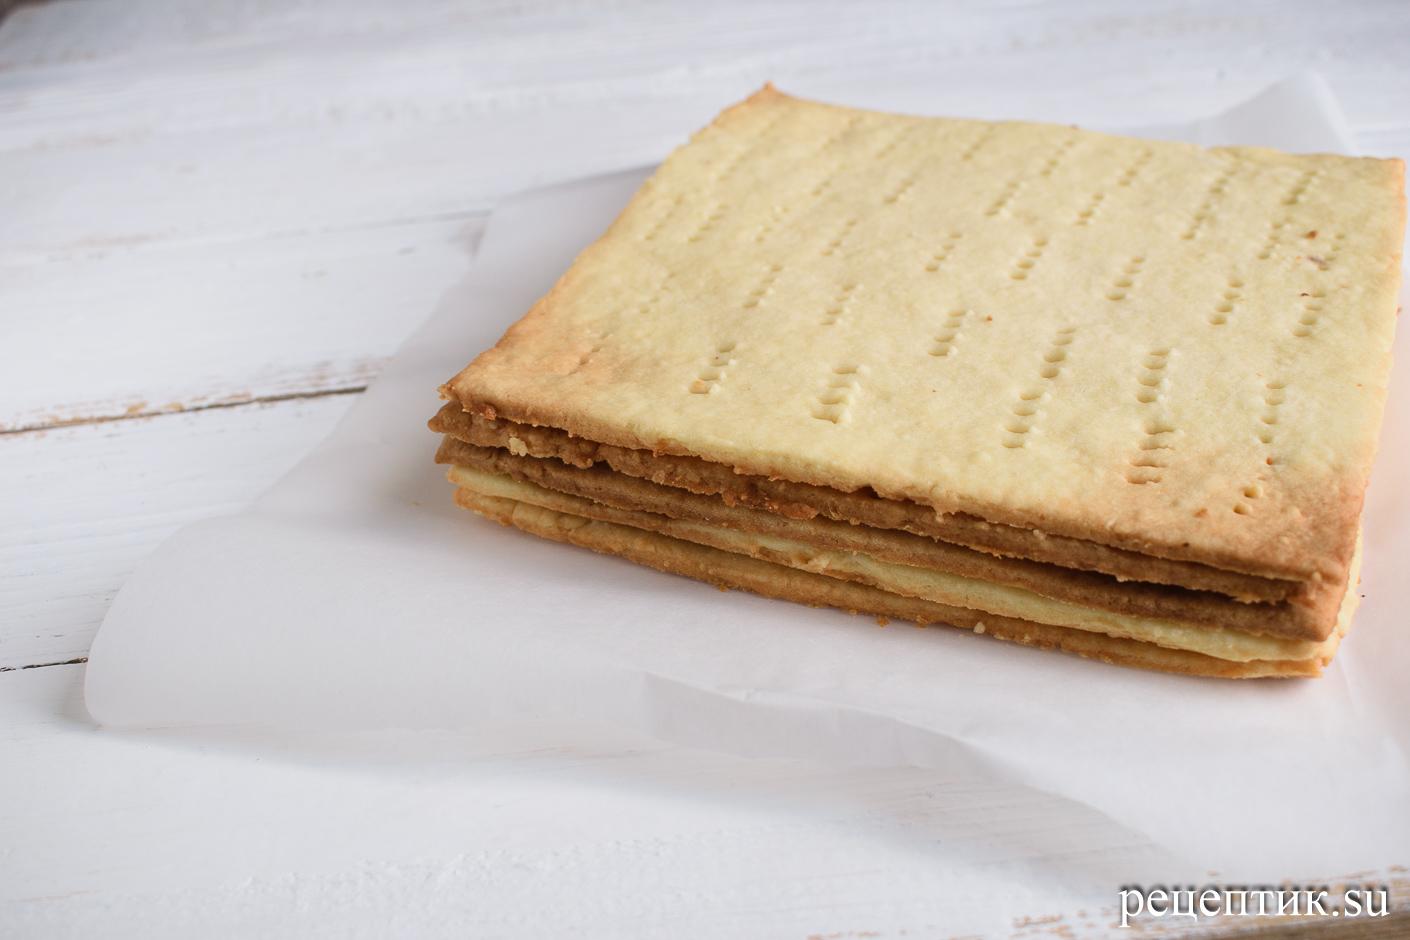 Торт «Ленинградский» — песочный торт с шоколадным масляным кремом - рецепт с фото, шаг 3